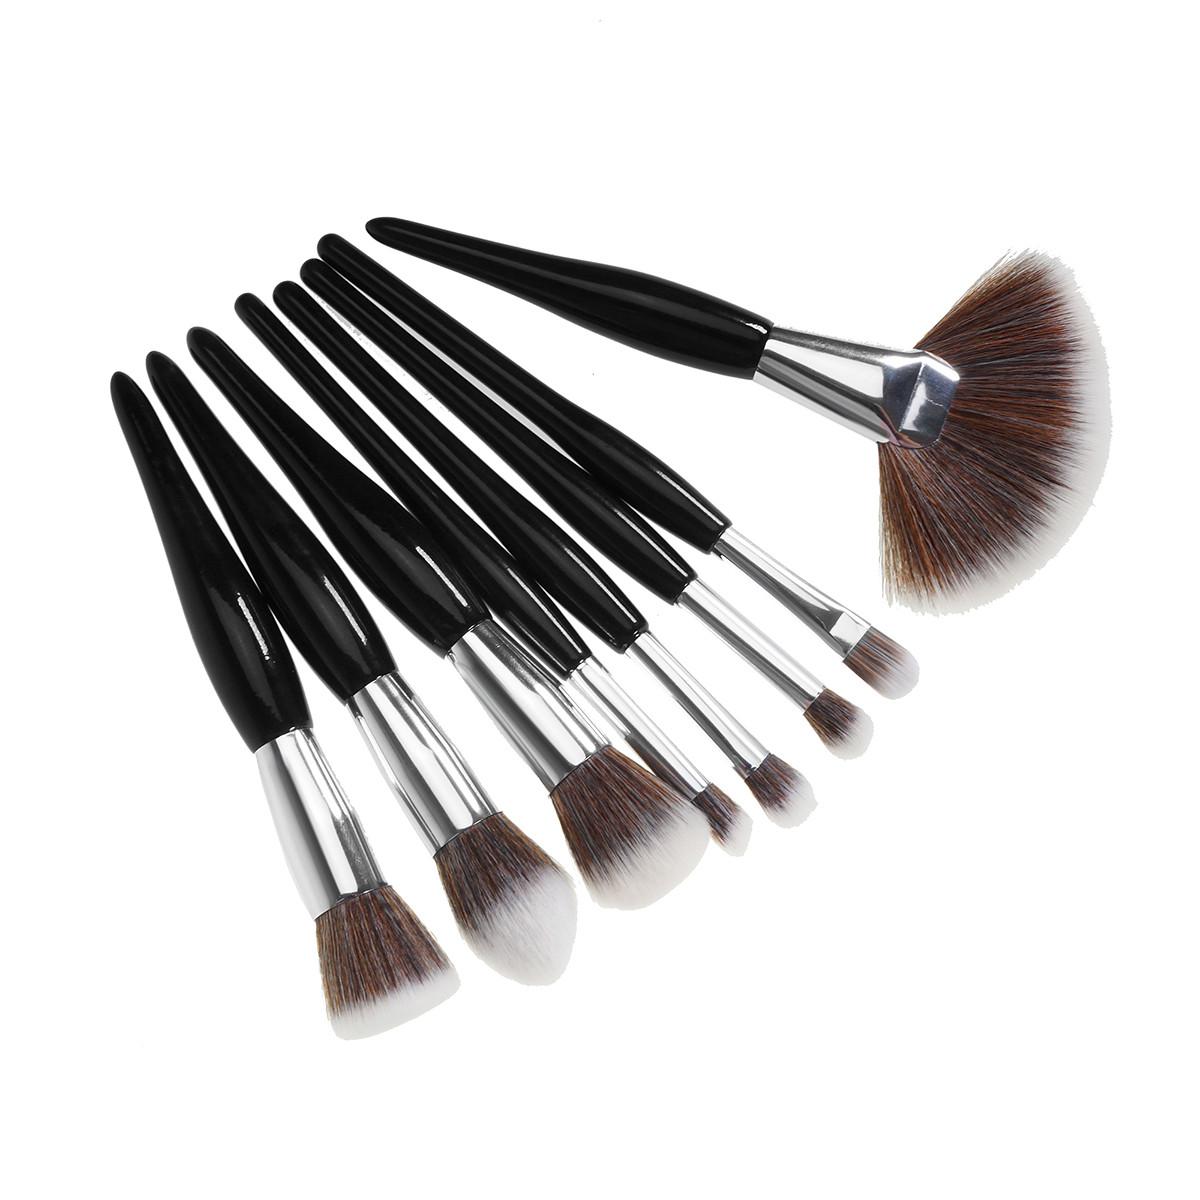 Набор кистей для макияжа, 8 шт., черный